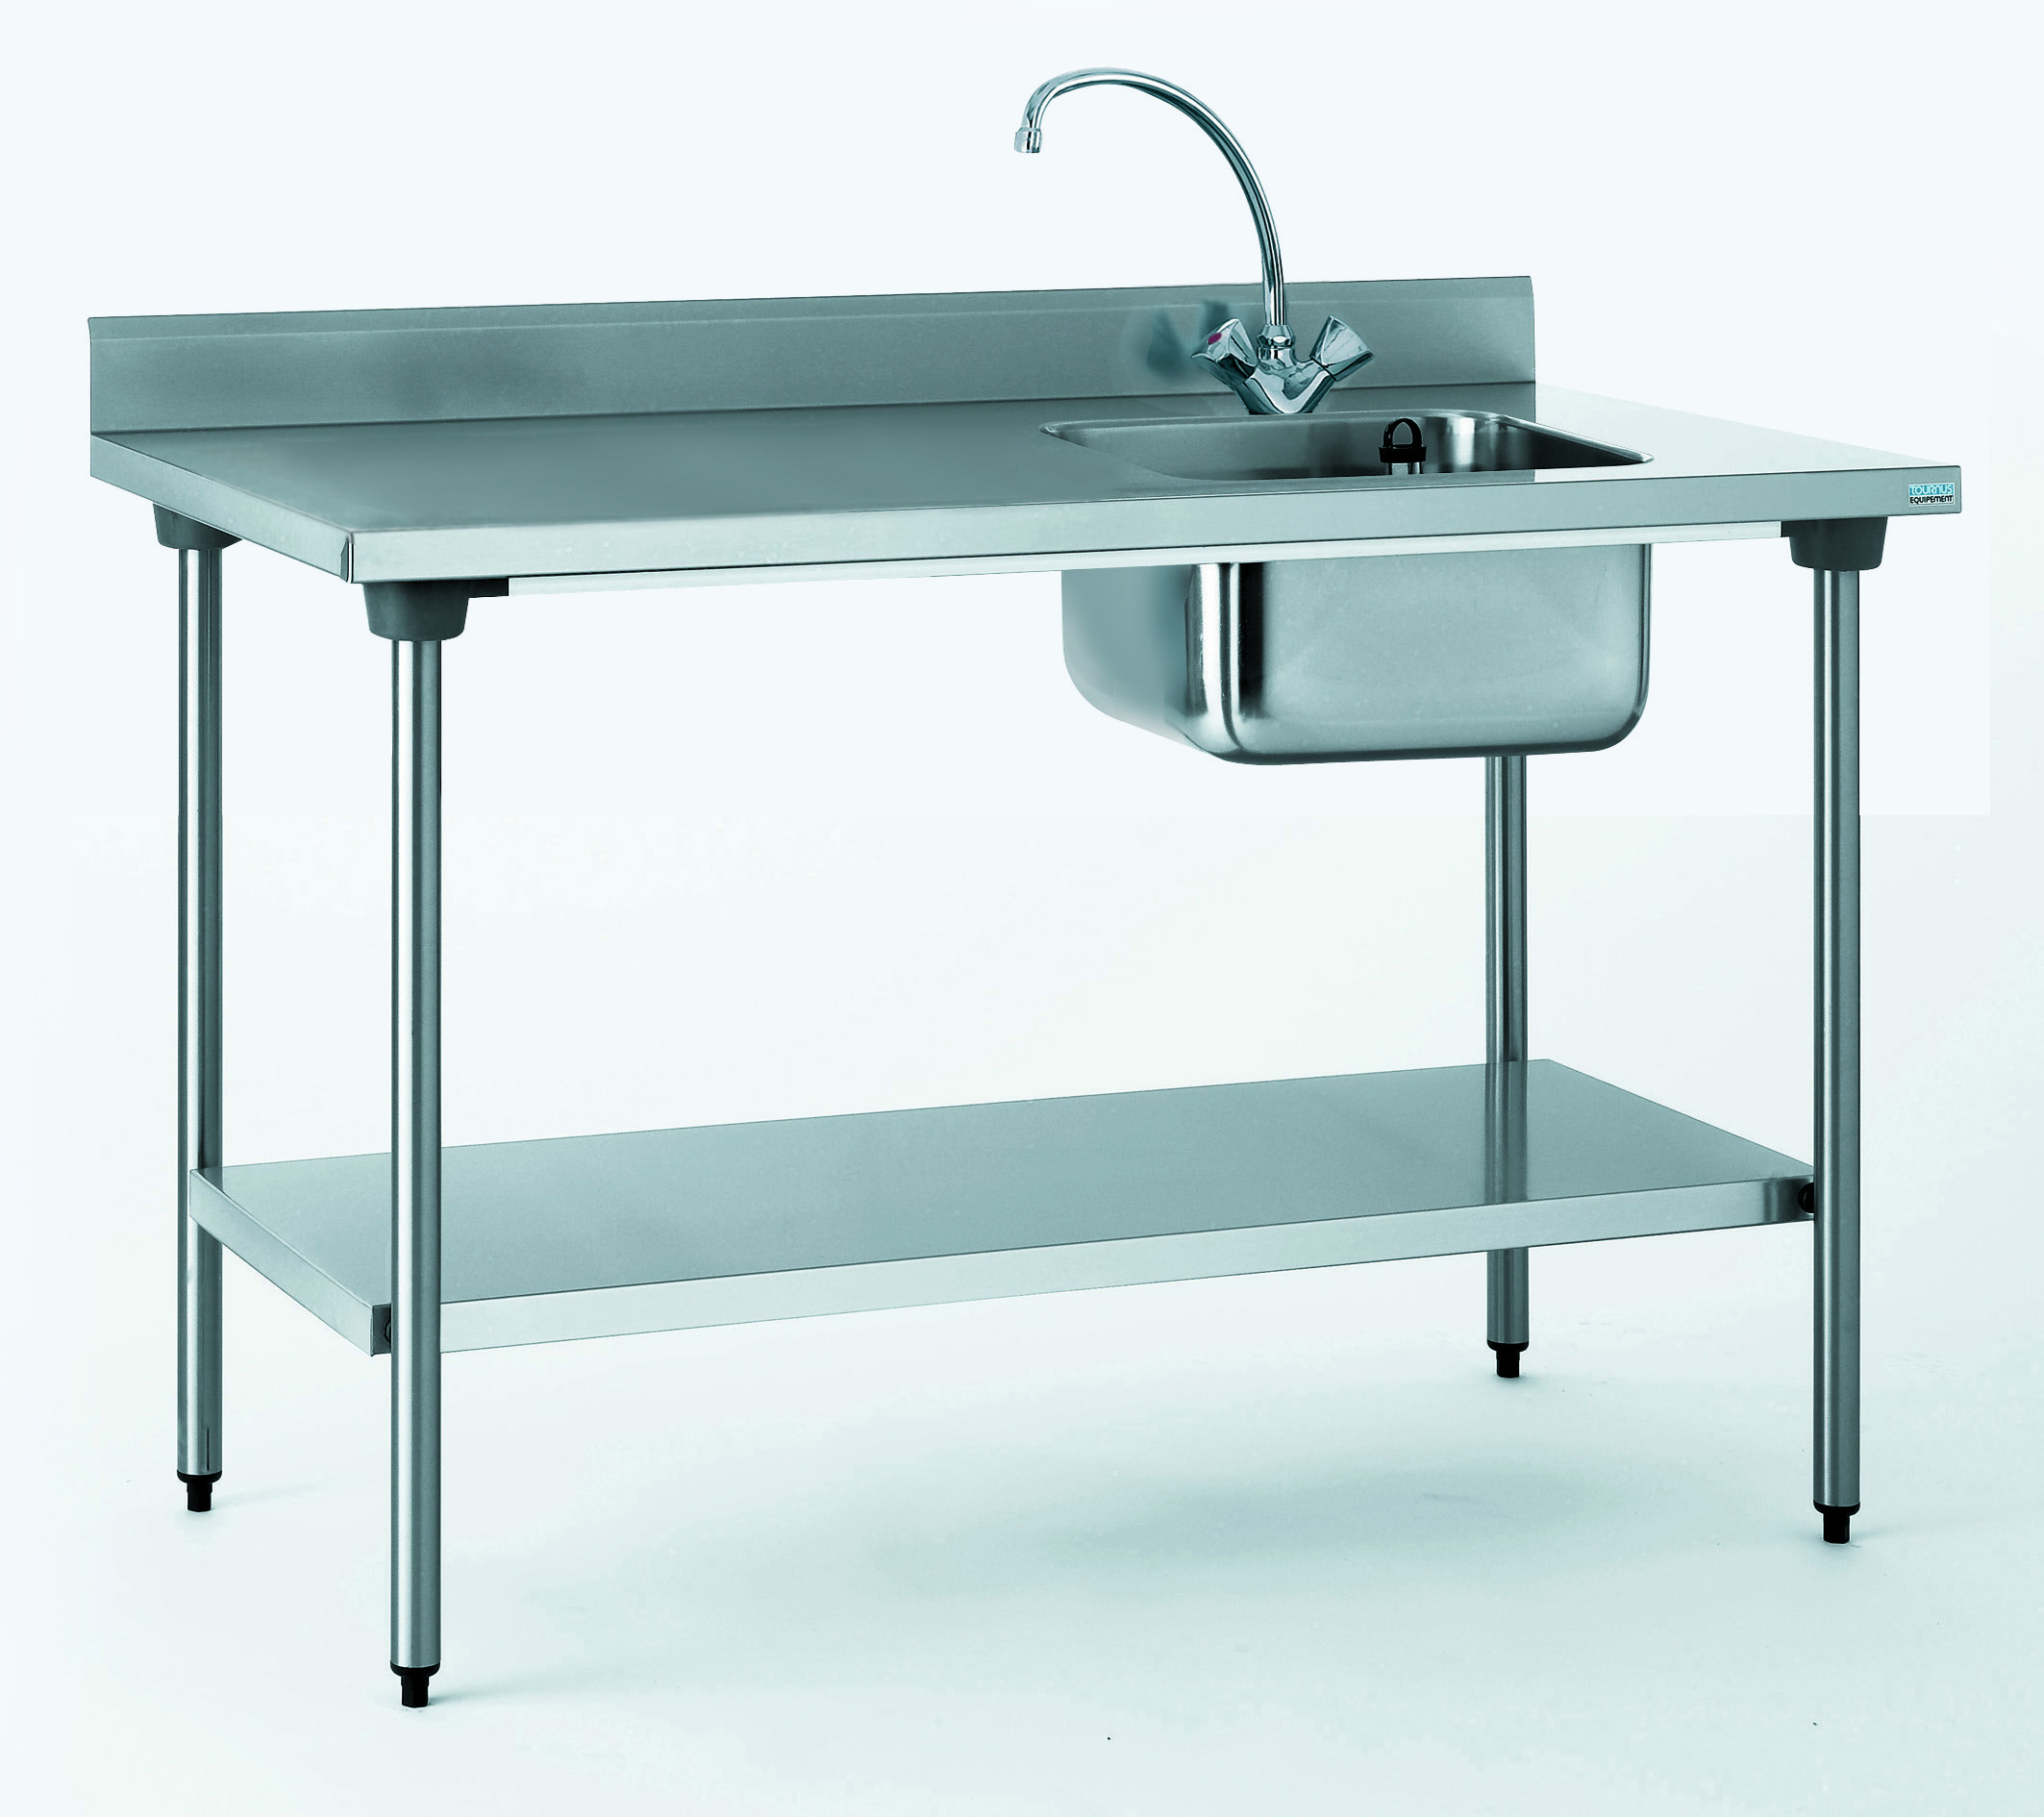 TABLE DU CHEF CHR 700X1400 BAC A DROITE+ETAGERE- AVEC ROBINE